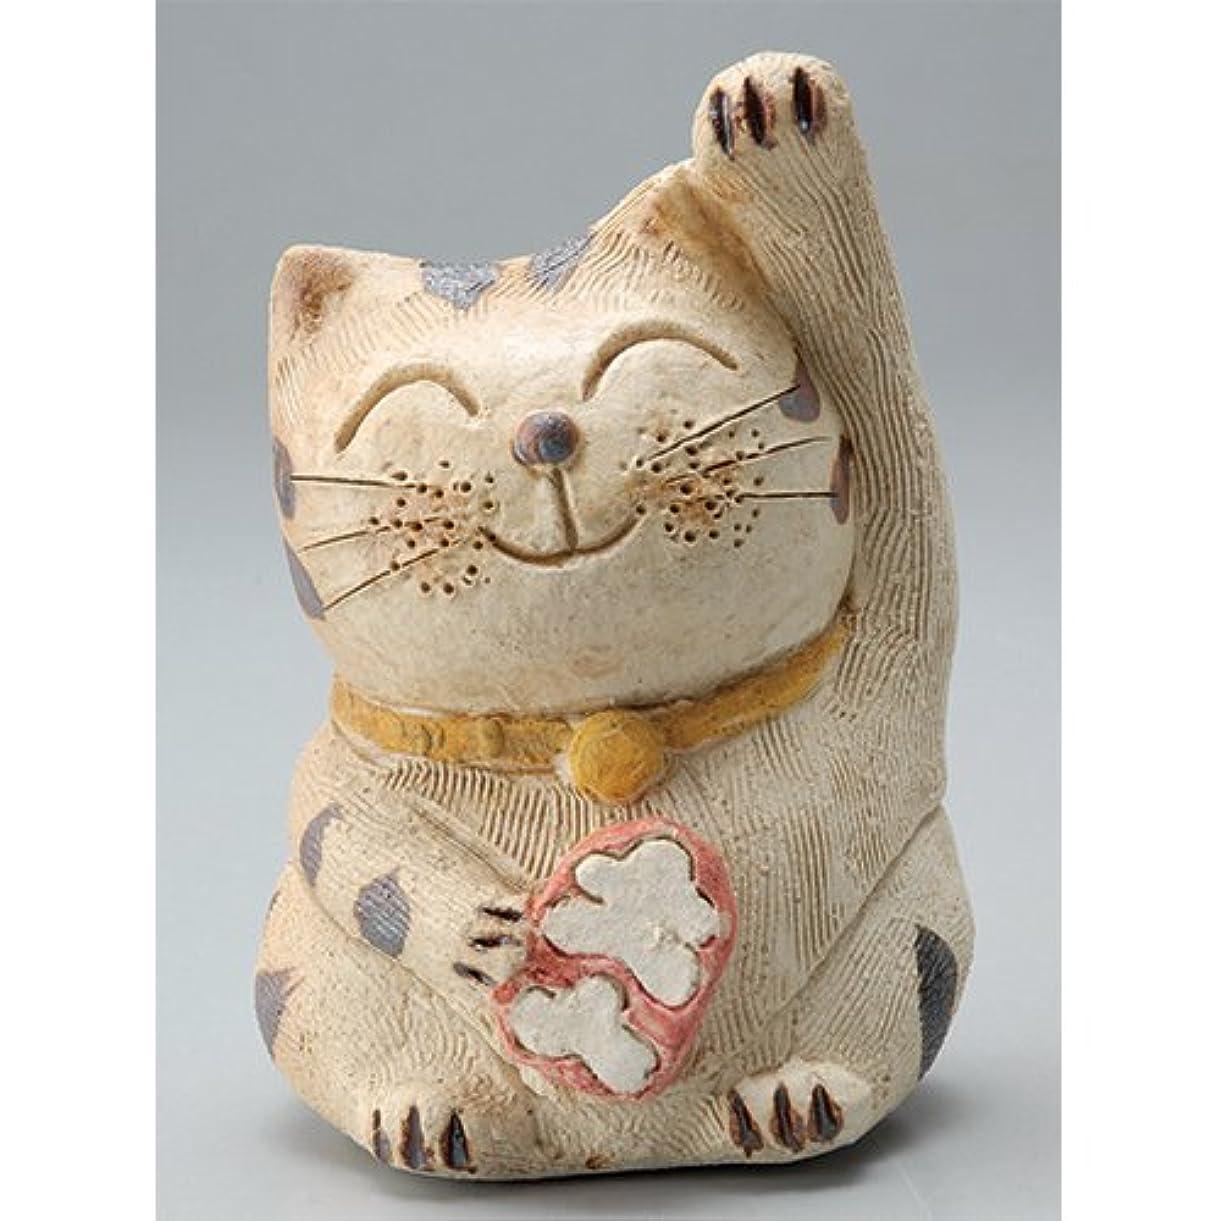 記念日祖先ソケット香炉 微笑み招き猫(人招き)香炉(小) [H8.5cm] HANDMADE プレゼント ギフト 和食器 かわいい インテリア